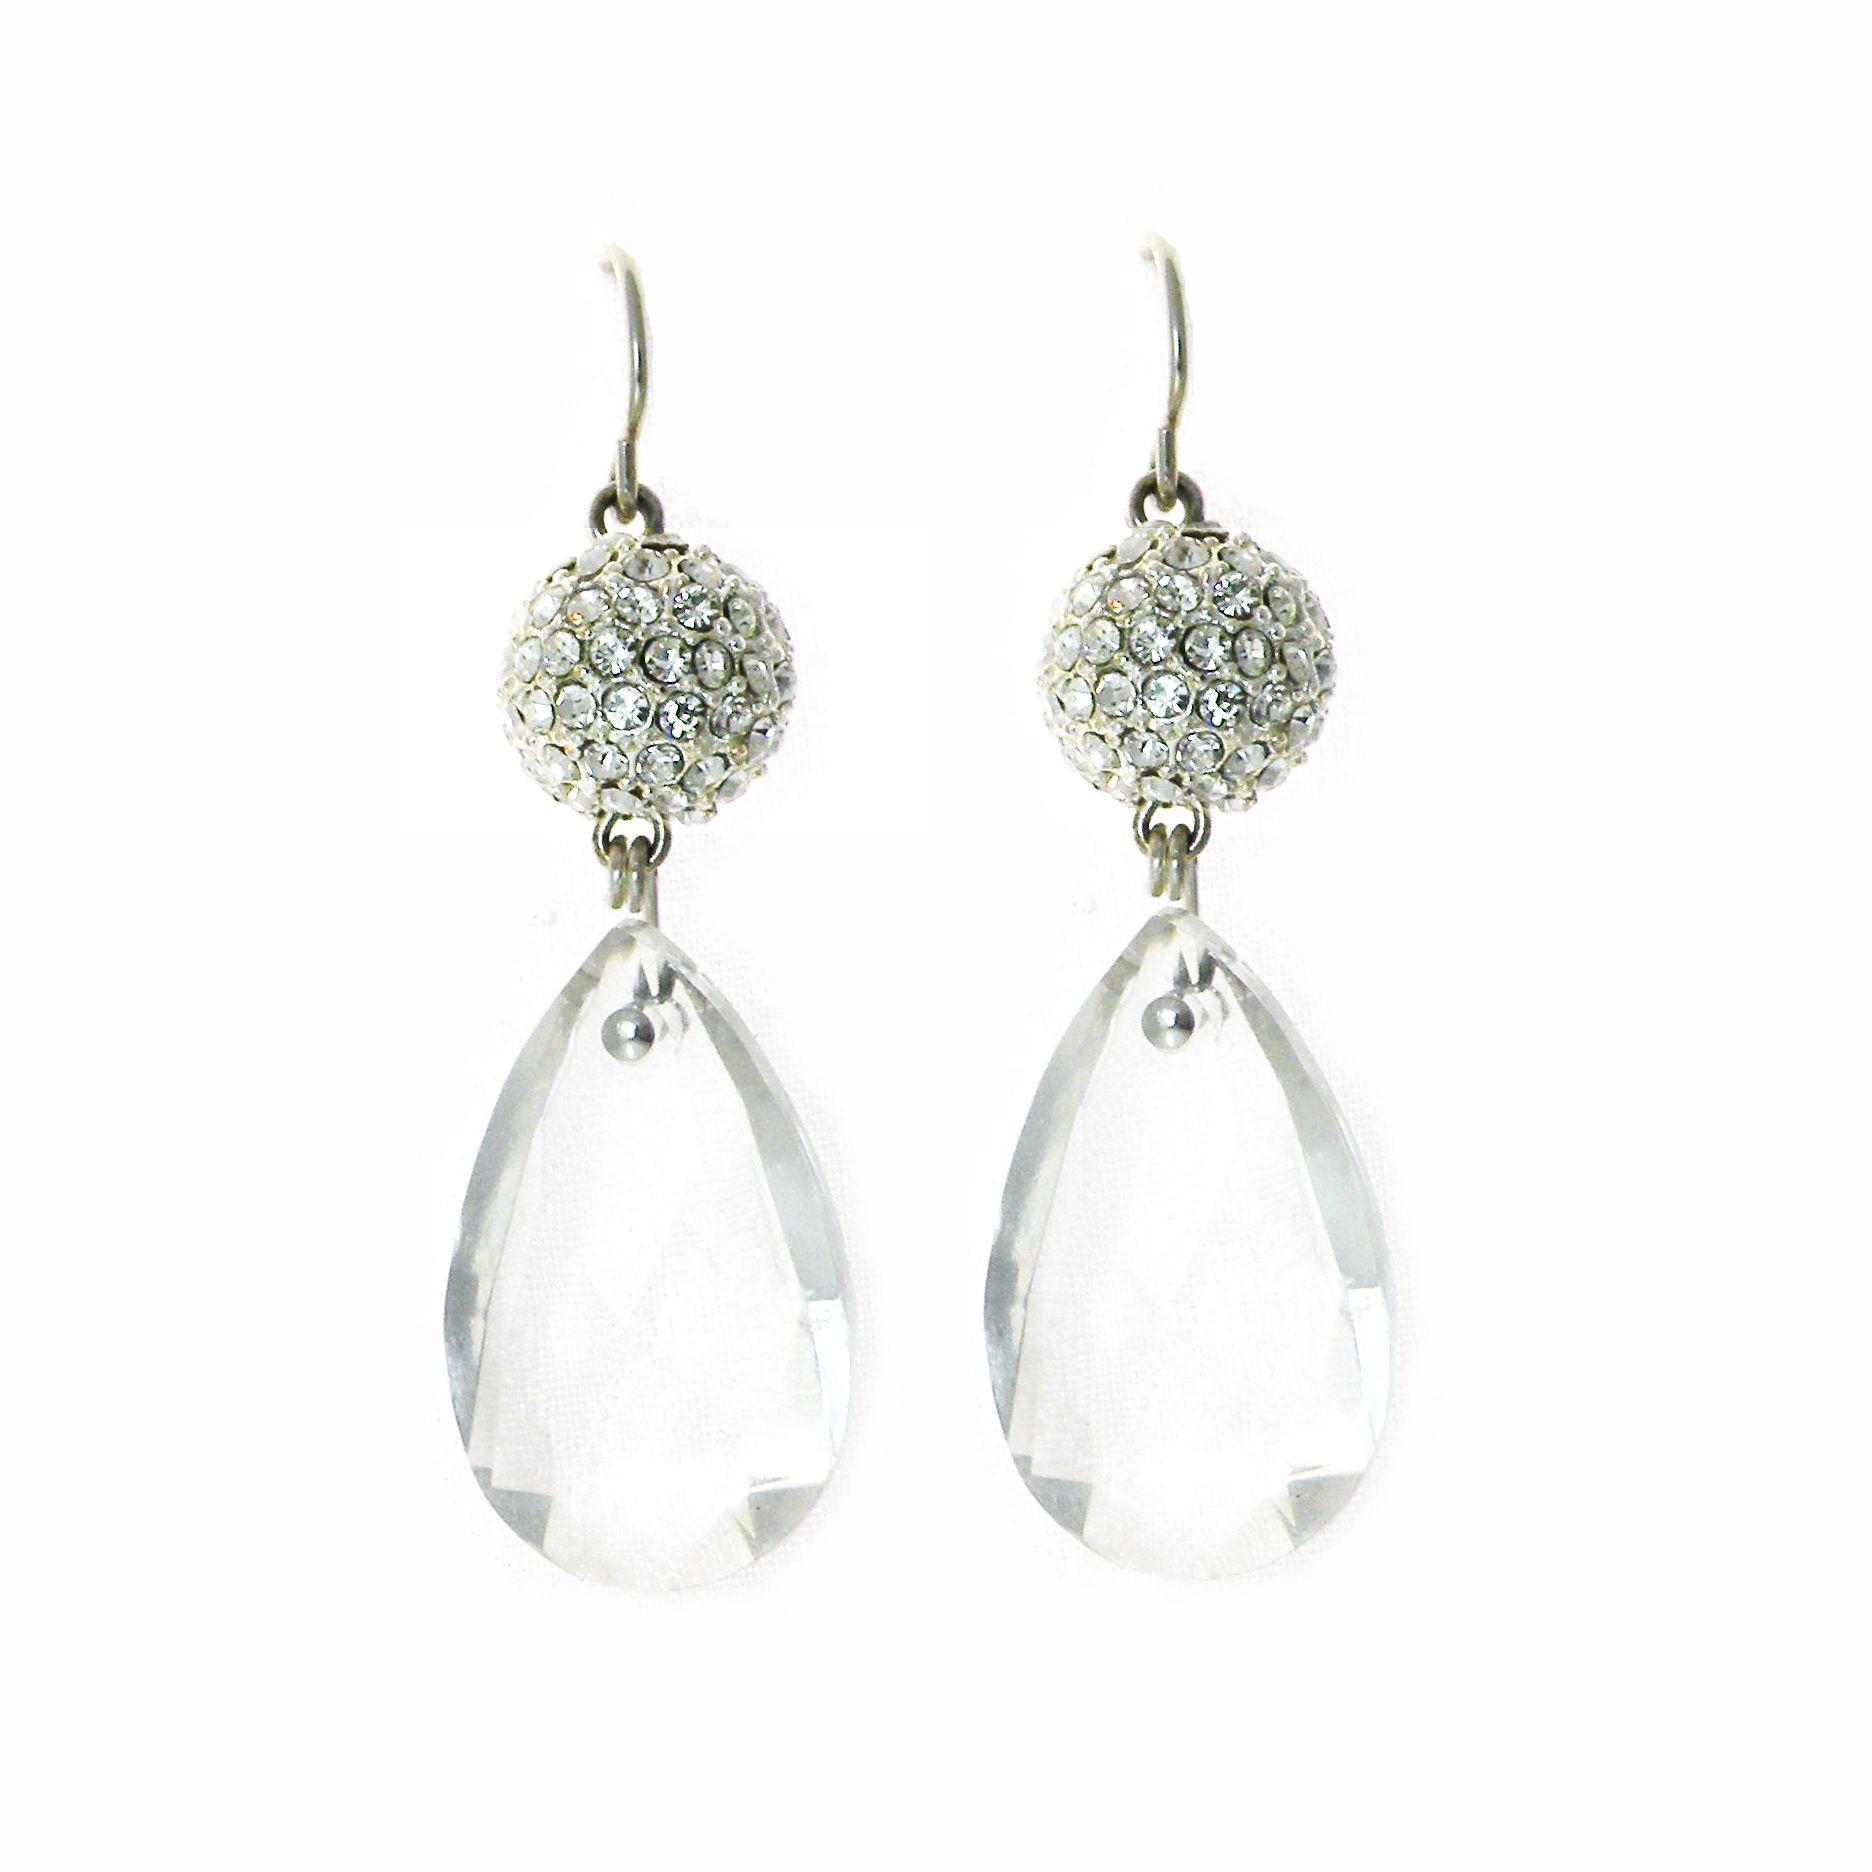 75 CATHERINE EARRINGS Bridal jewelry, Crystal earrings